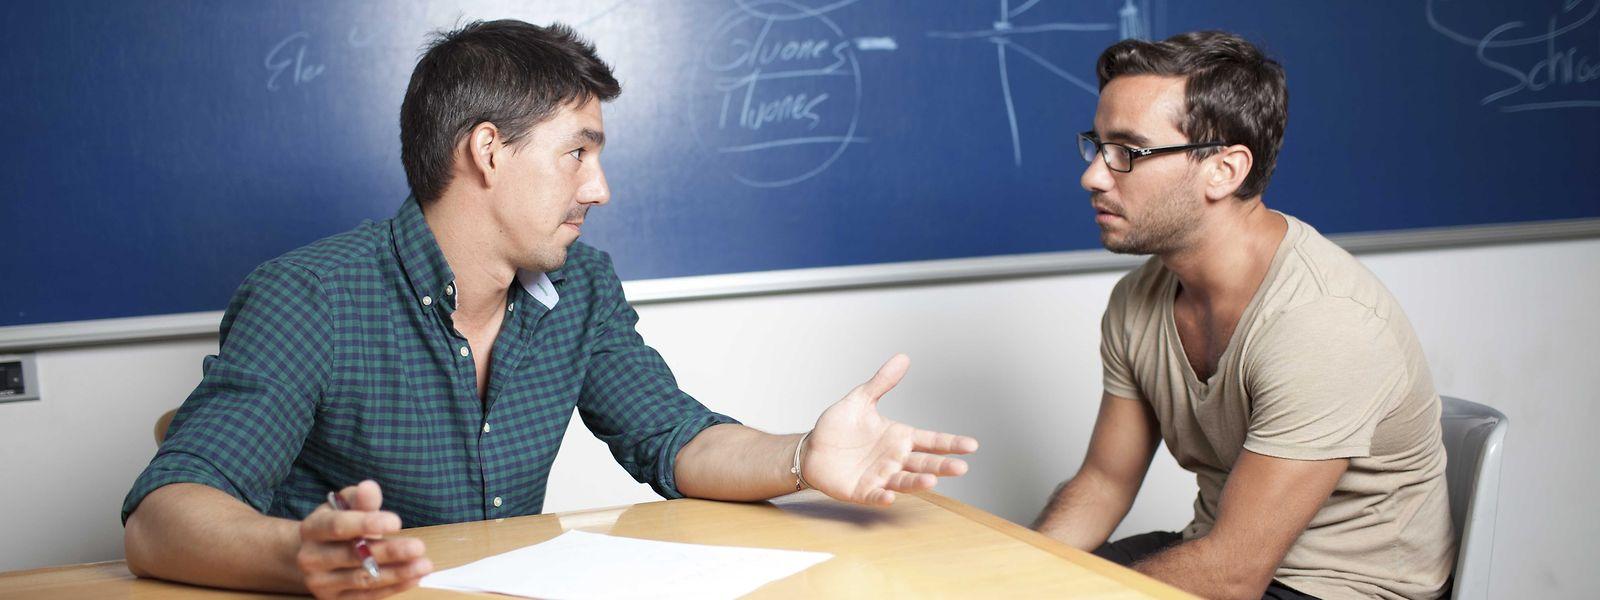 Pour éviter la fraude, les universités ont eu recours à davantage d'examens oraux.